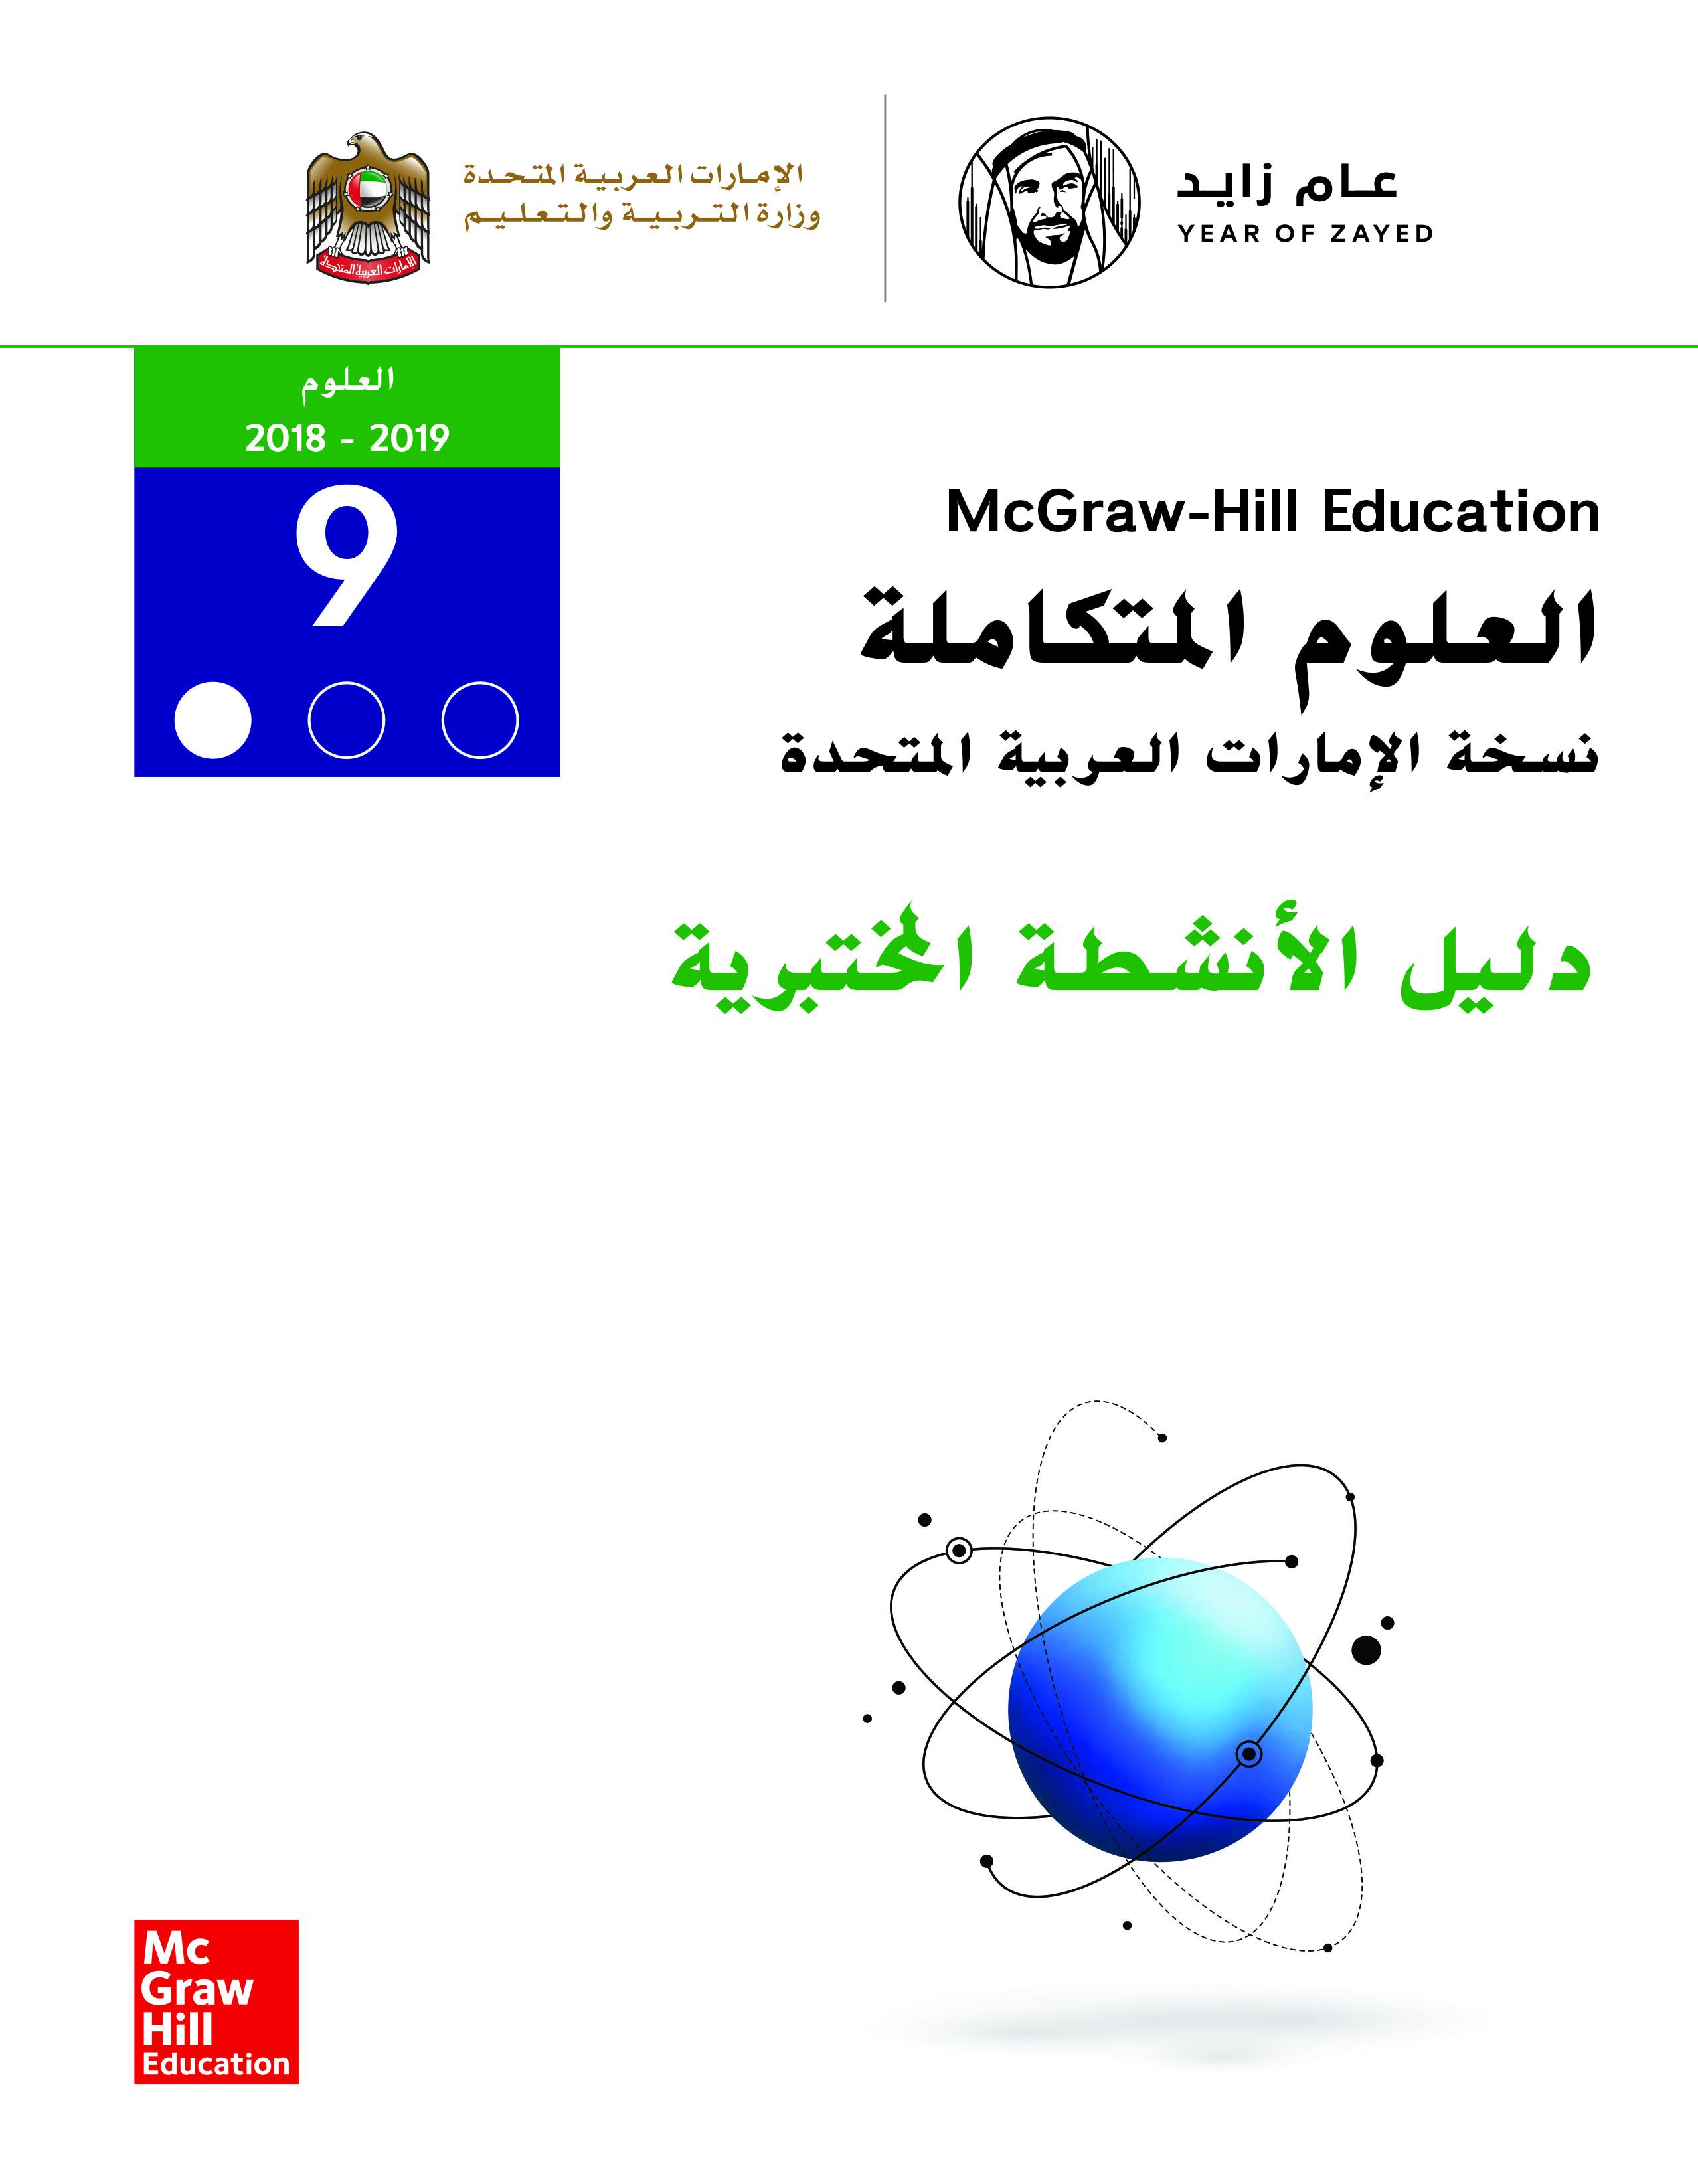 العلوم المتكاملة - دليل الأنشطة المختبرية - كتاب الطالب - الصف التاسع العام  - الجزء الأول